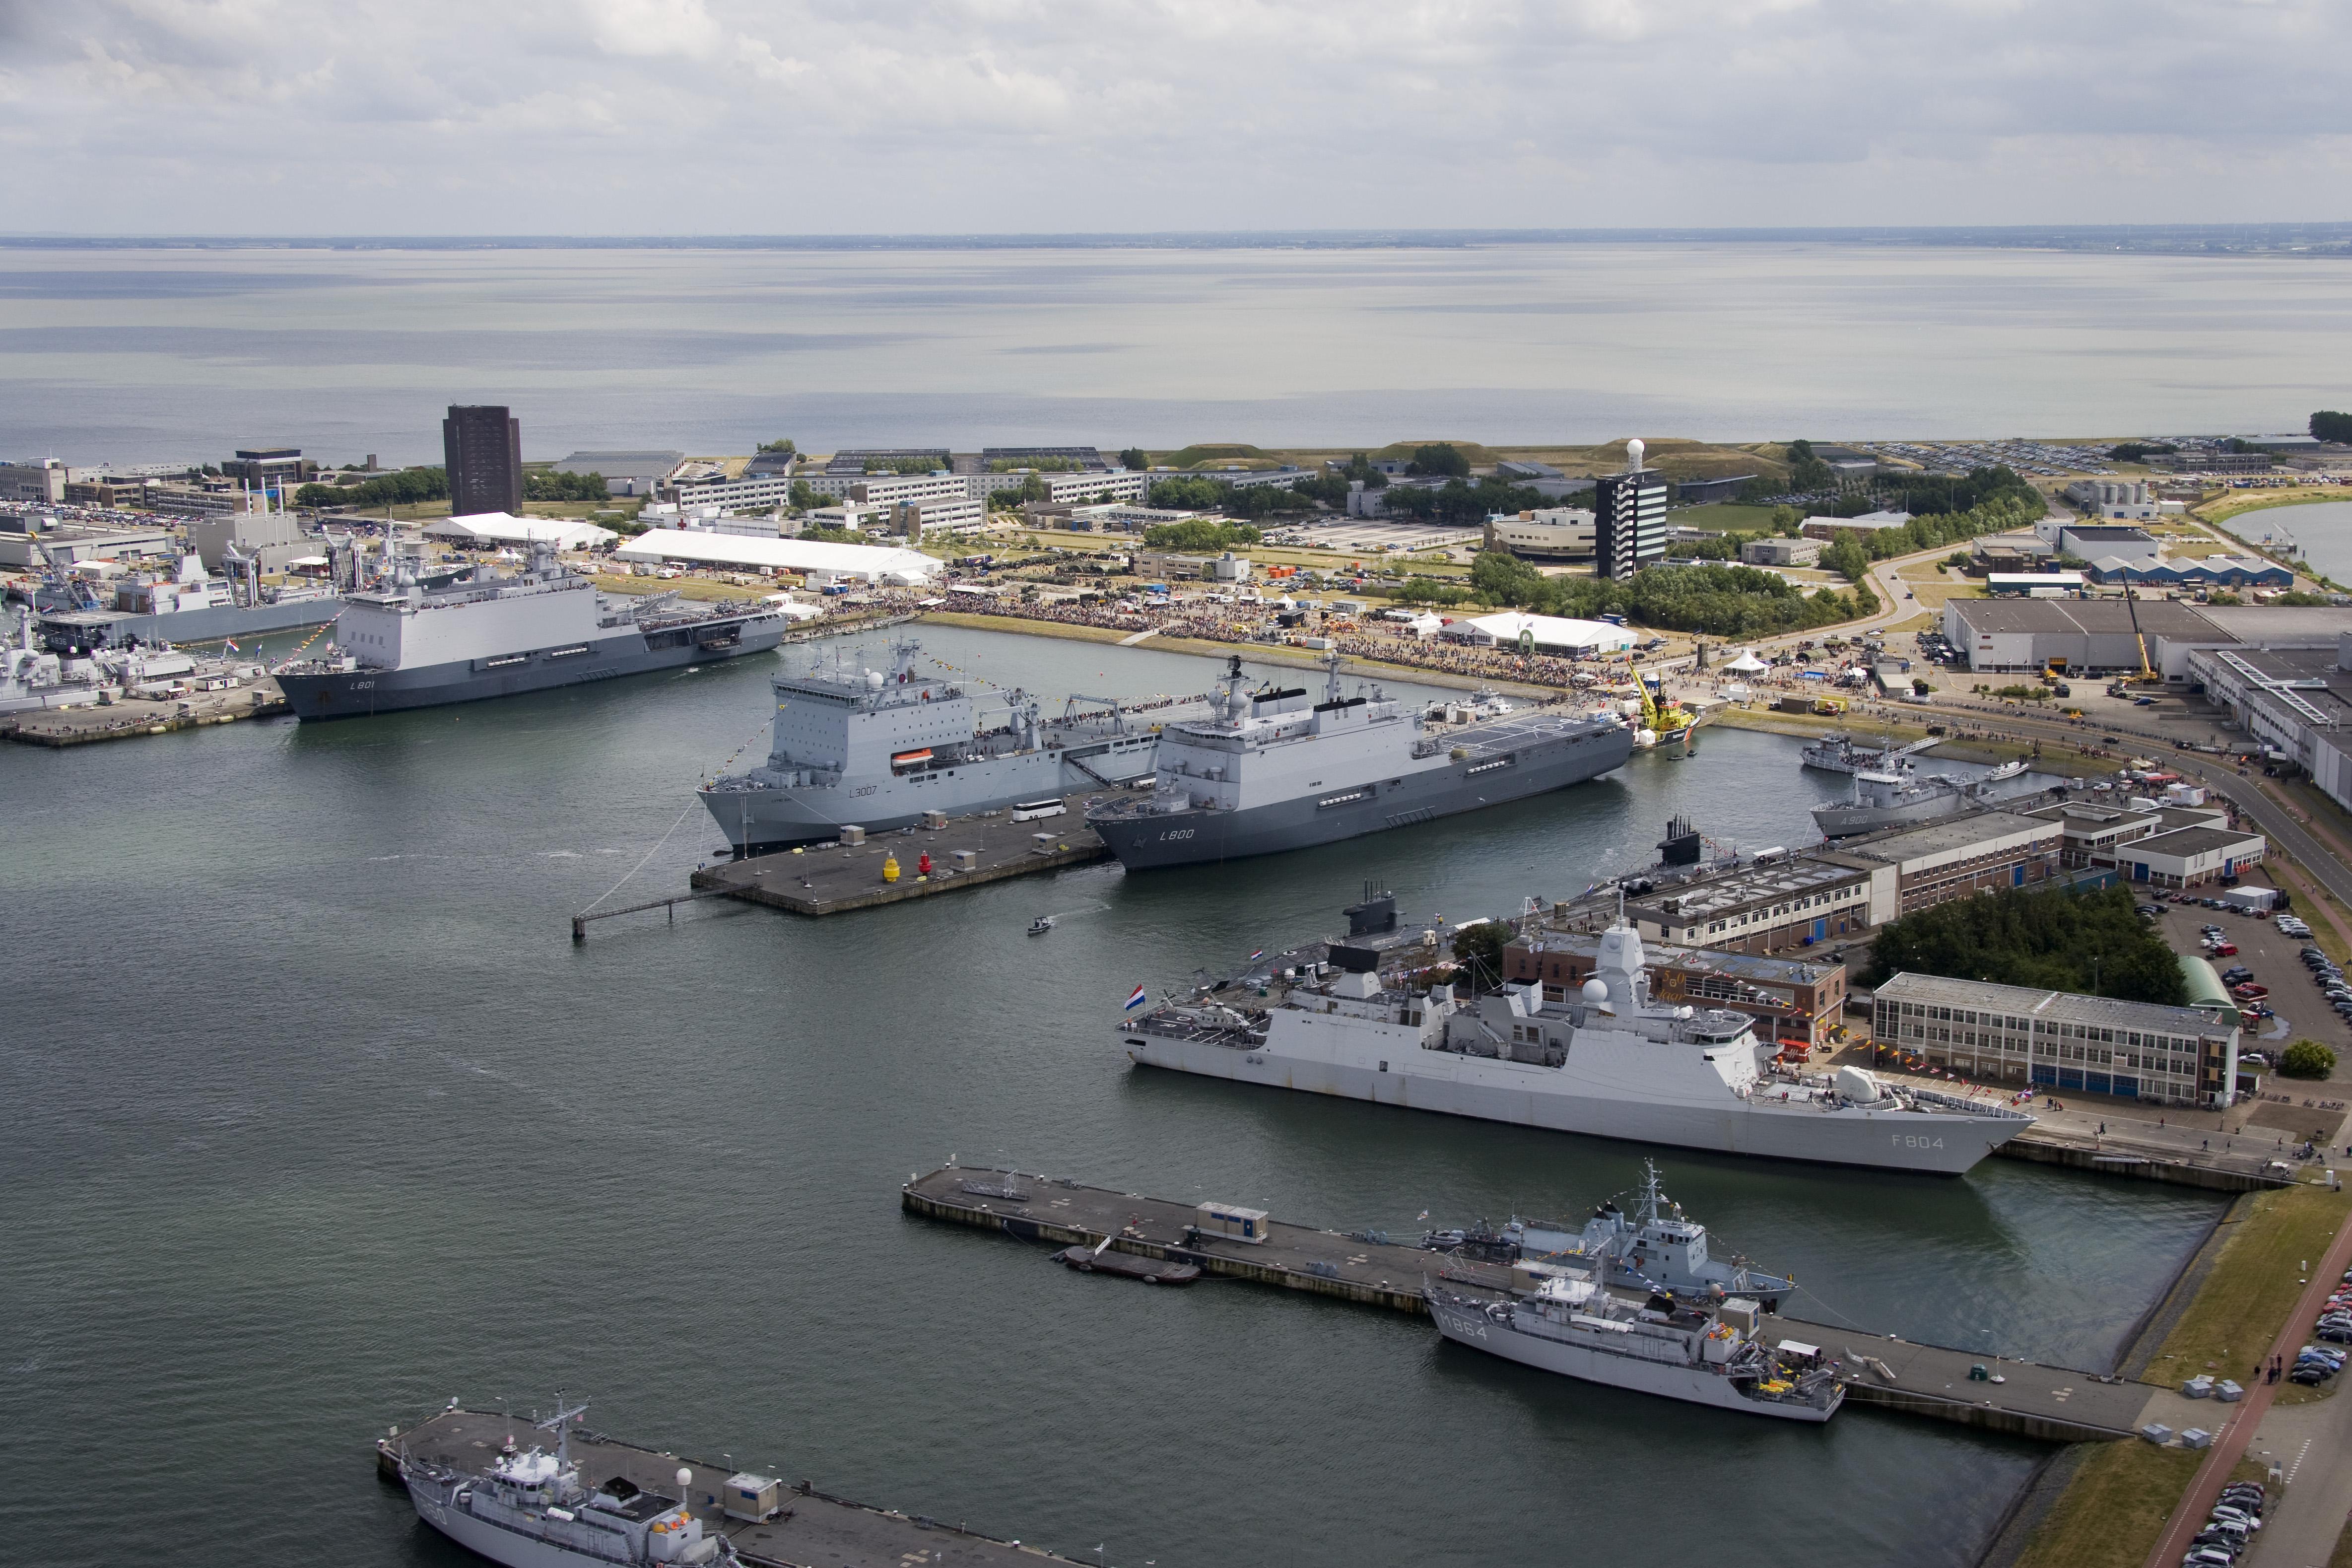 Drie maanden celstraf geëist tegen orderpicker die kogelwerende vesten en platen stal uit loods van Koninklijke Marine in Den Helder